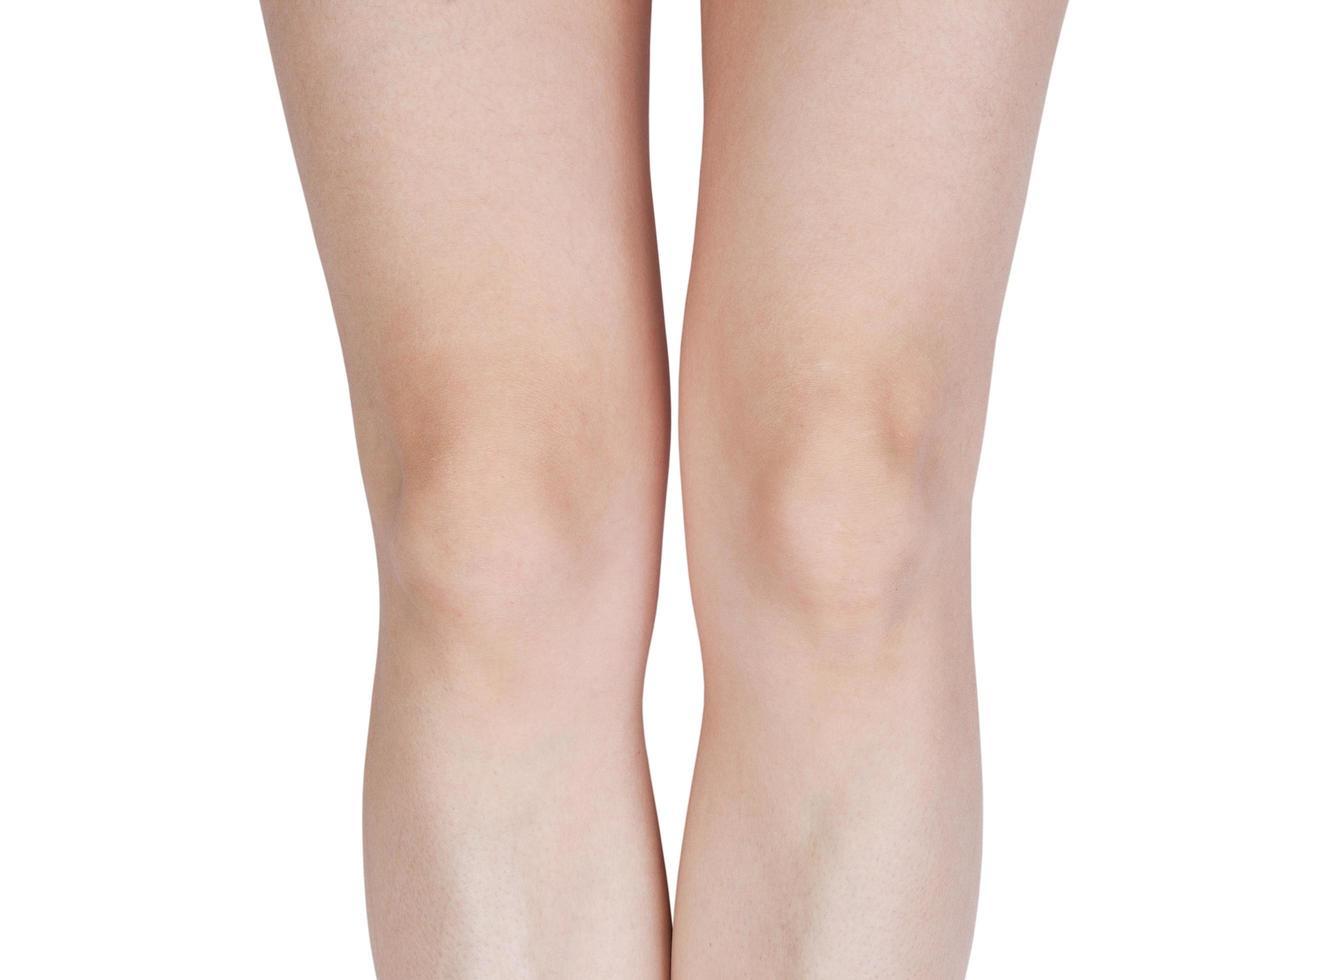 detail van de benen met knieën foto